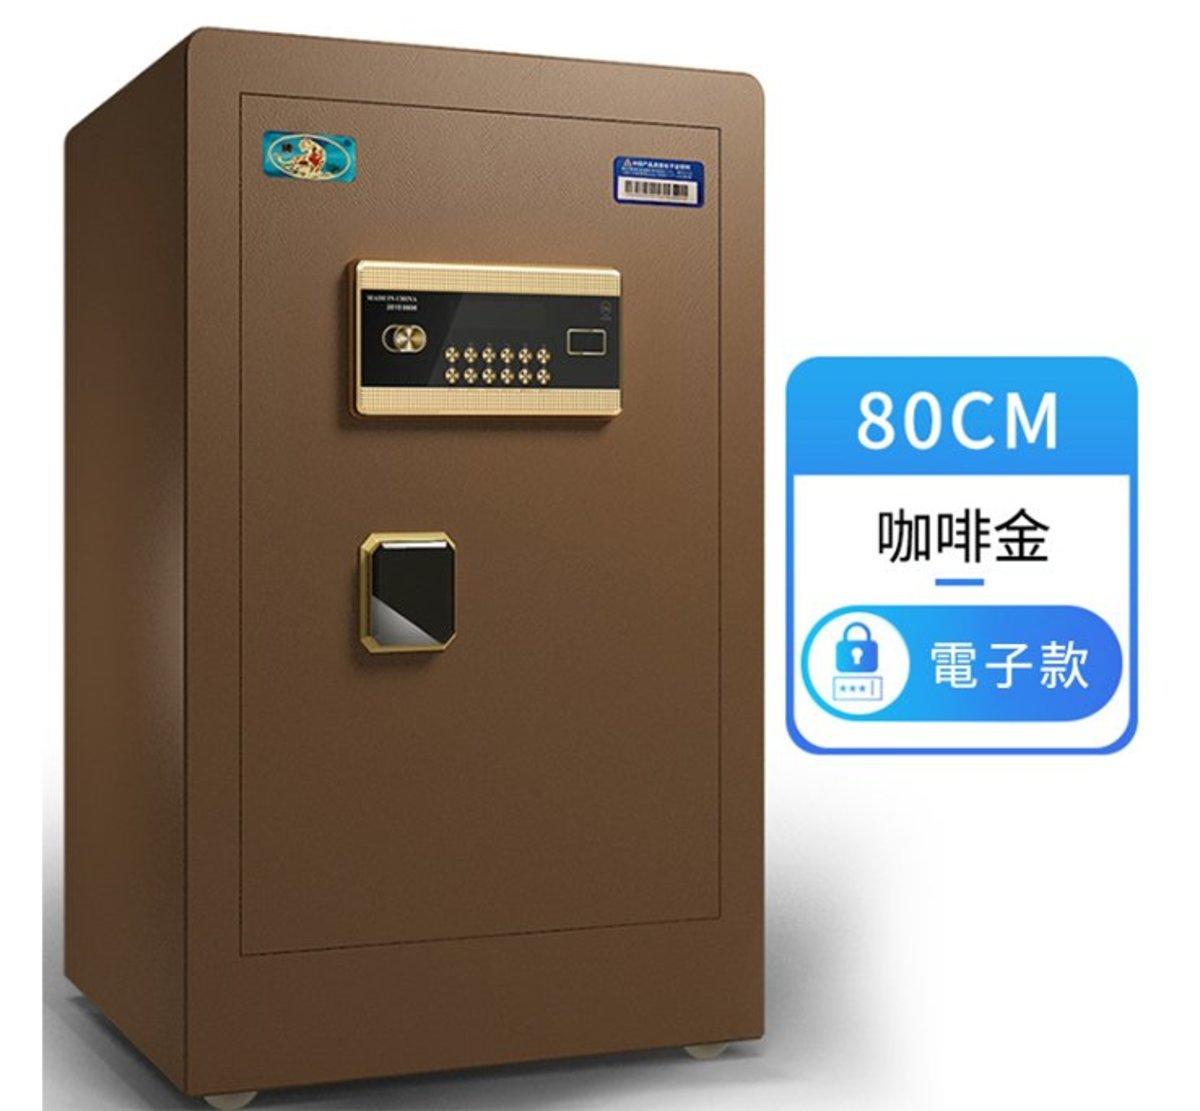 虎牌悅享保險櫃家用辦公全鋼入牆雙門保險箱(80型電子款咖啡金)